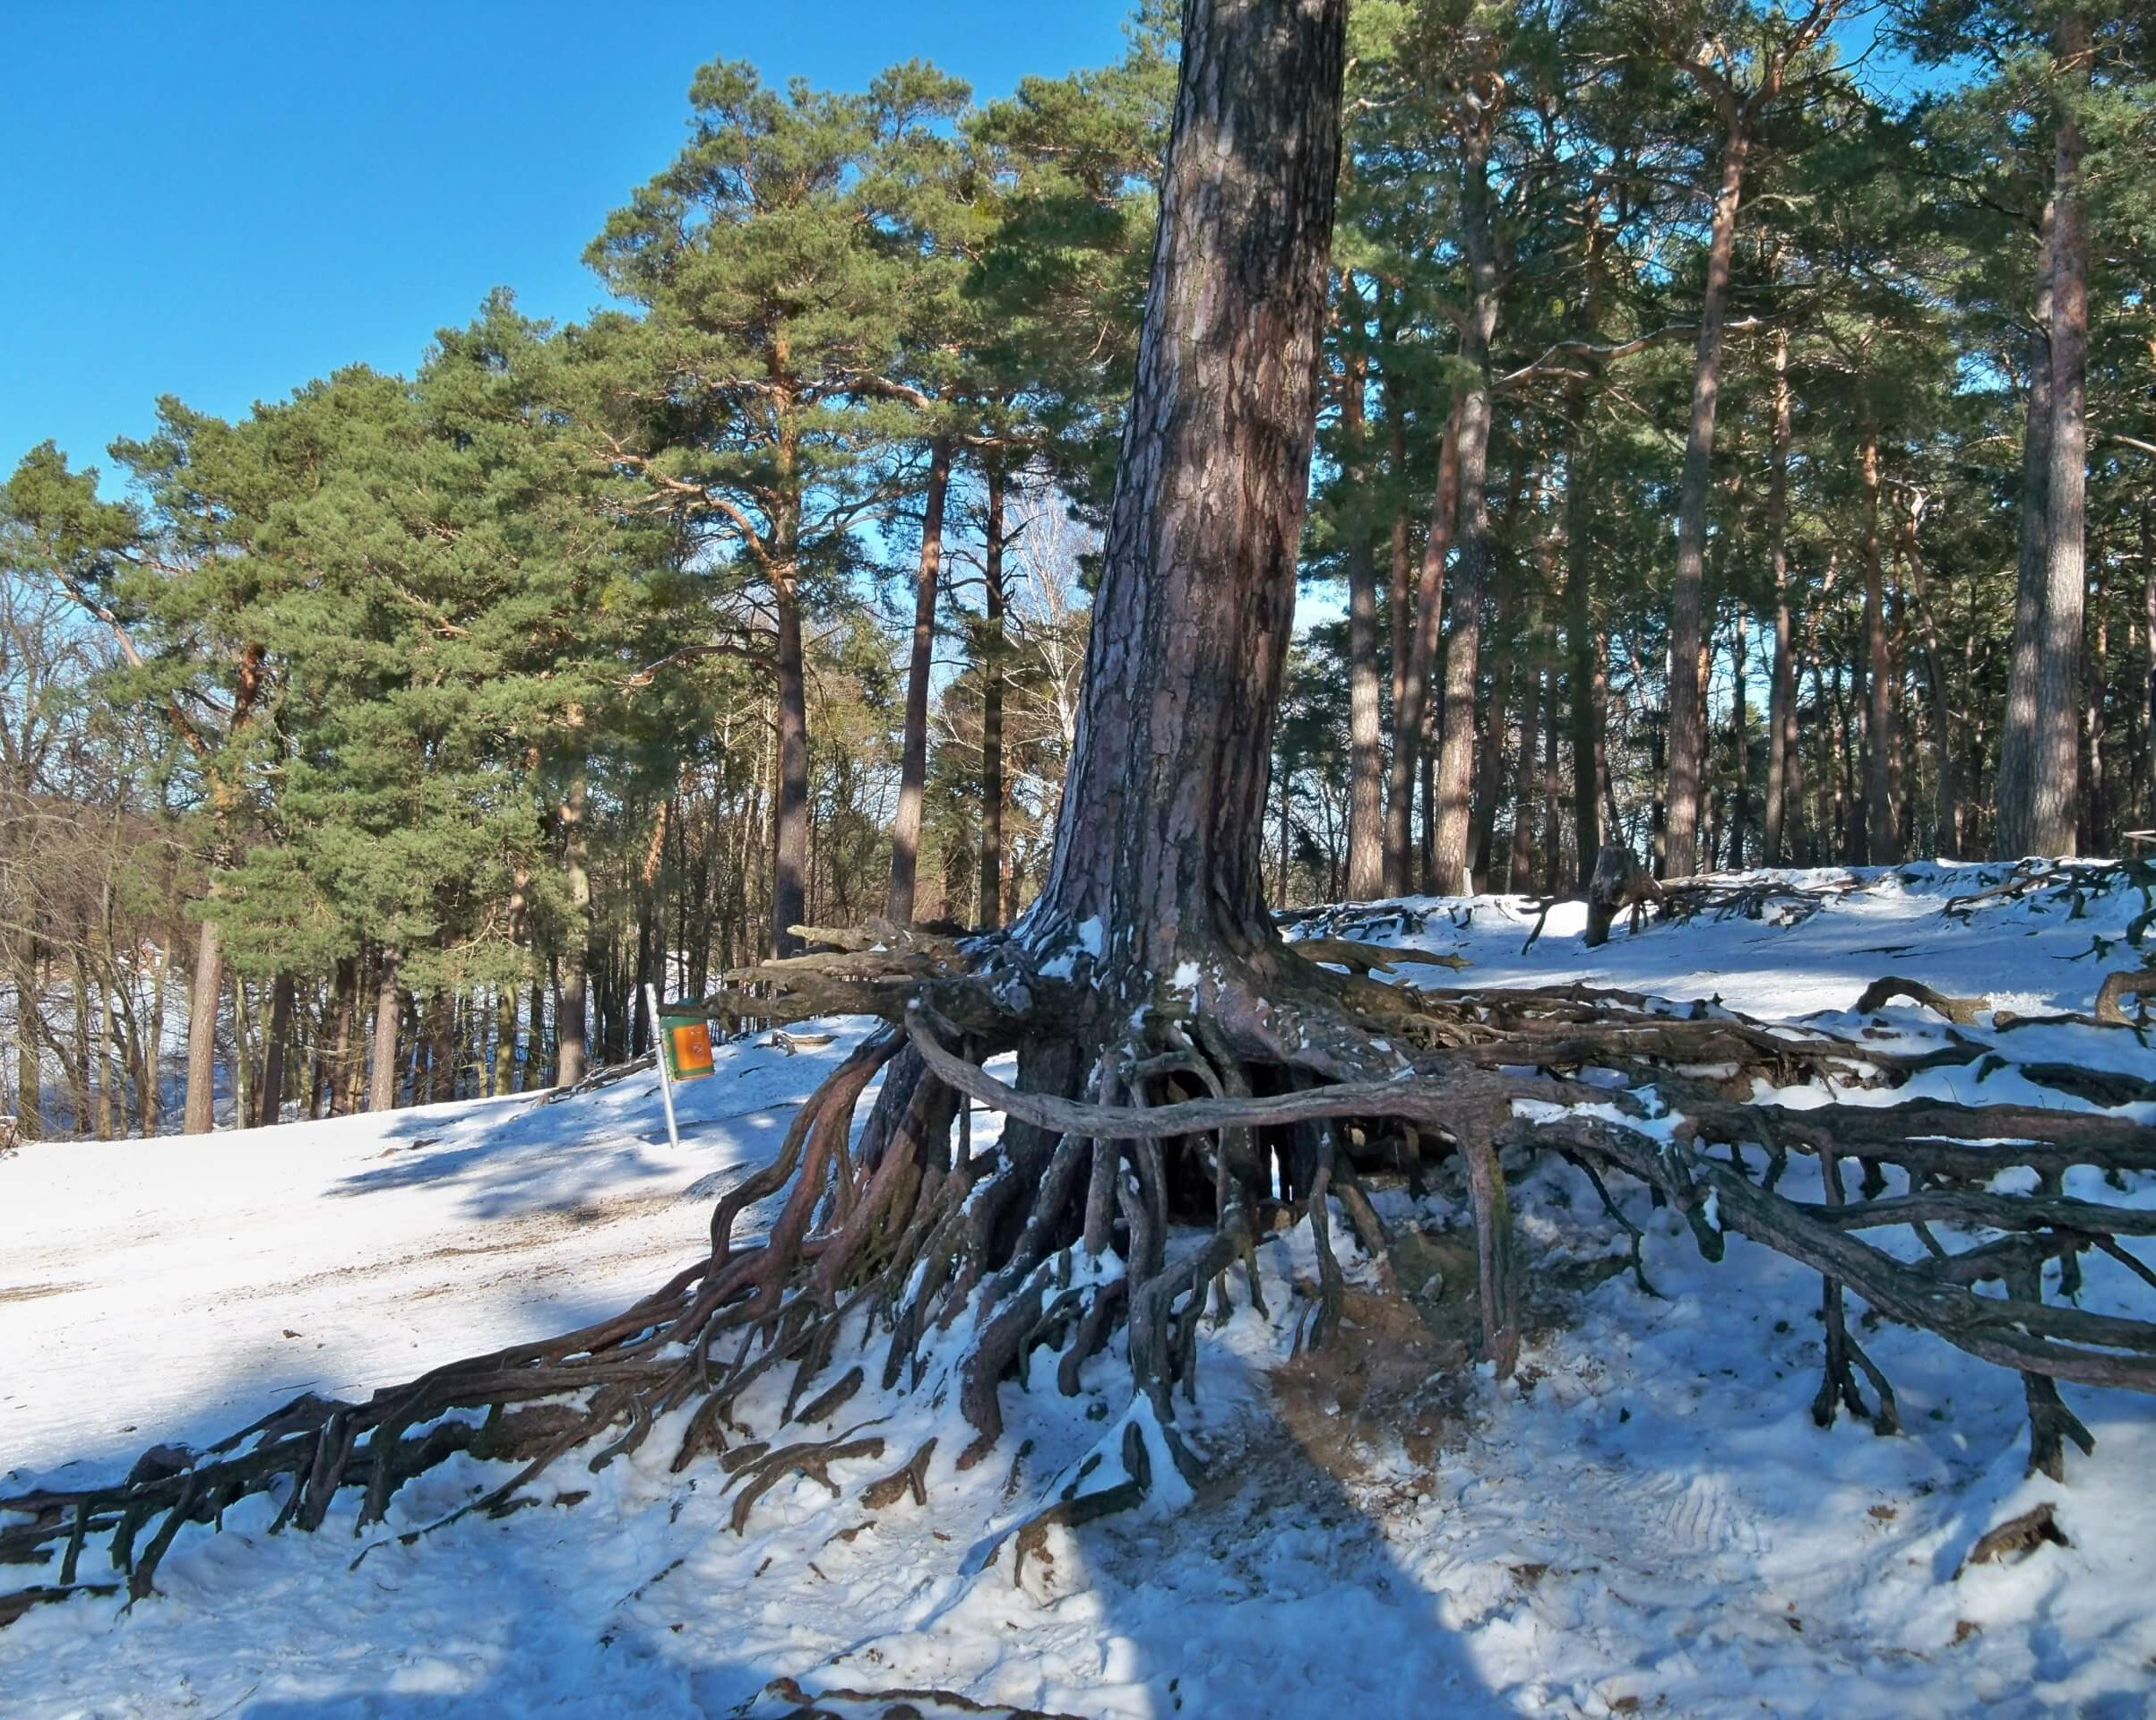 Das Bild zeigt Wald-Kiefern, die sich mit ihrem Wurzelsystem aus horizontalem Geflecht und senkrecht tief gehenden Pfahlwurzeln an den oberen Rand einer aus der Endphase der letzten Eiszeit stammenden Flugsanddüne klammern.